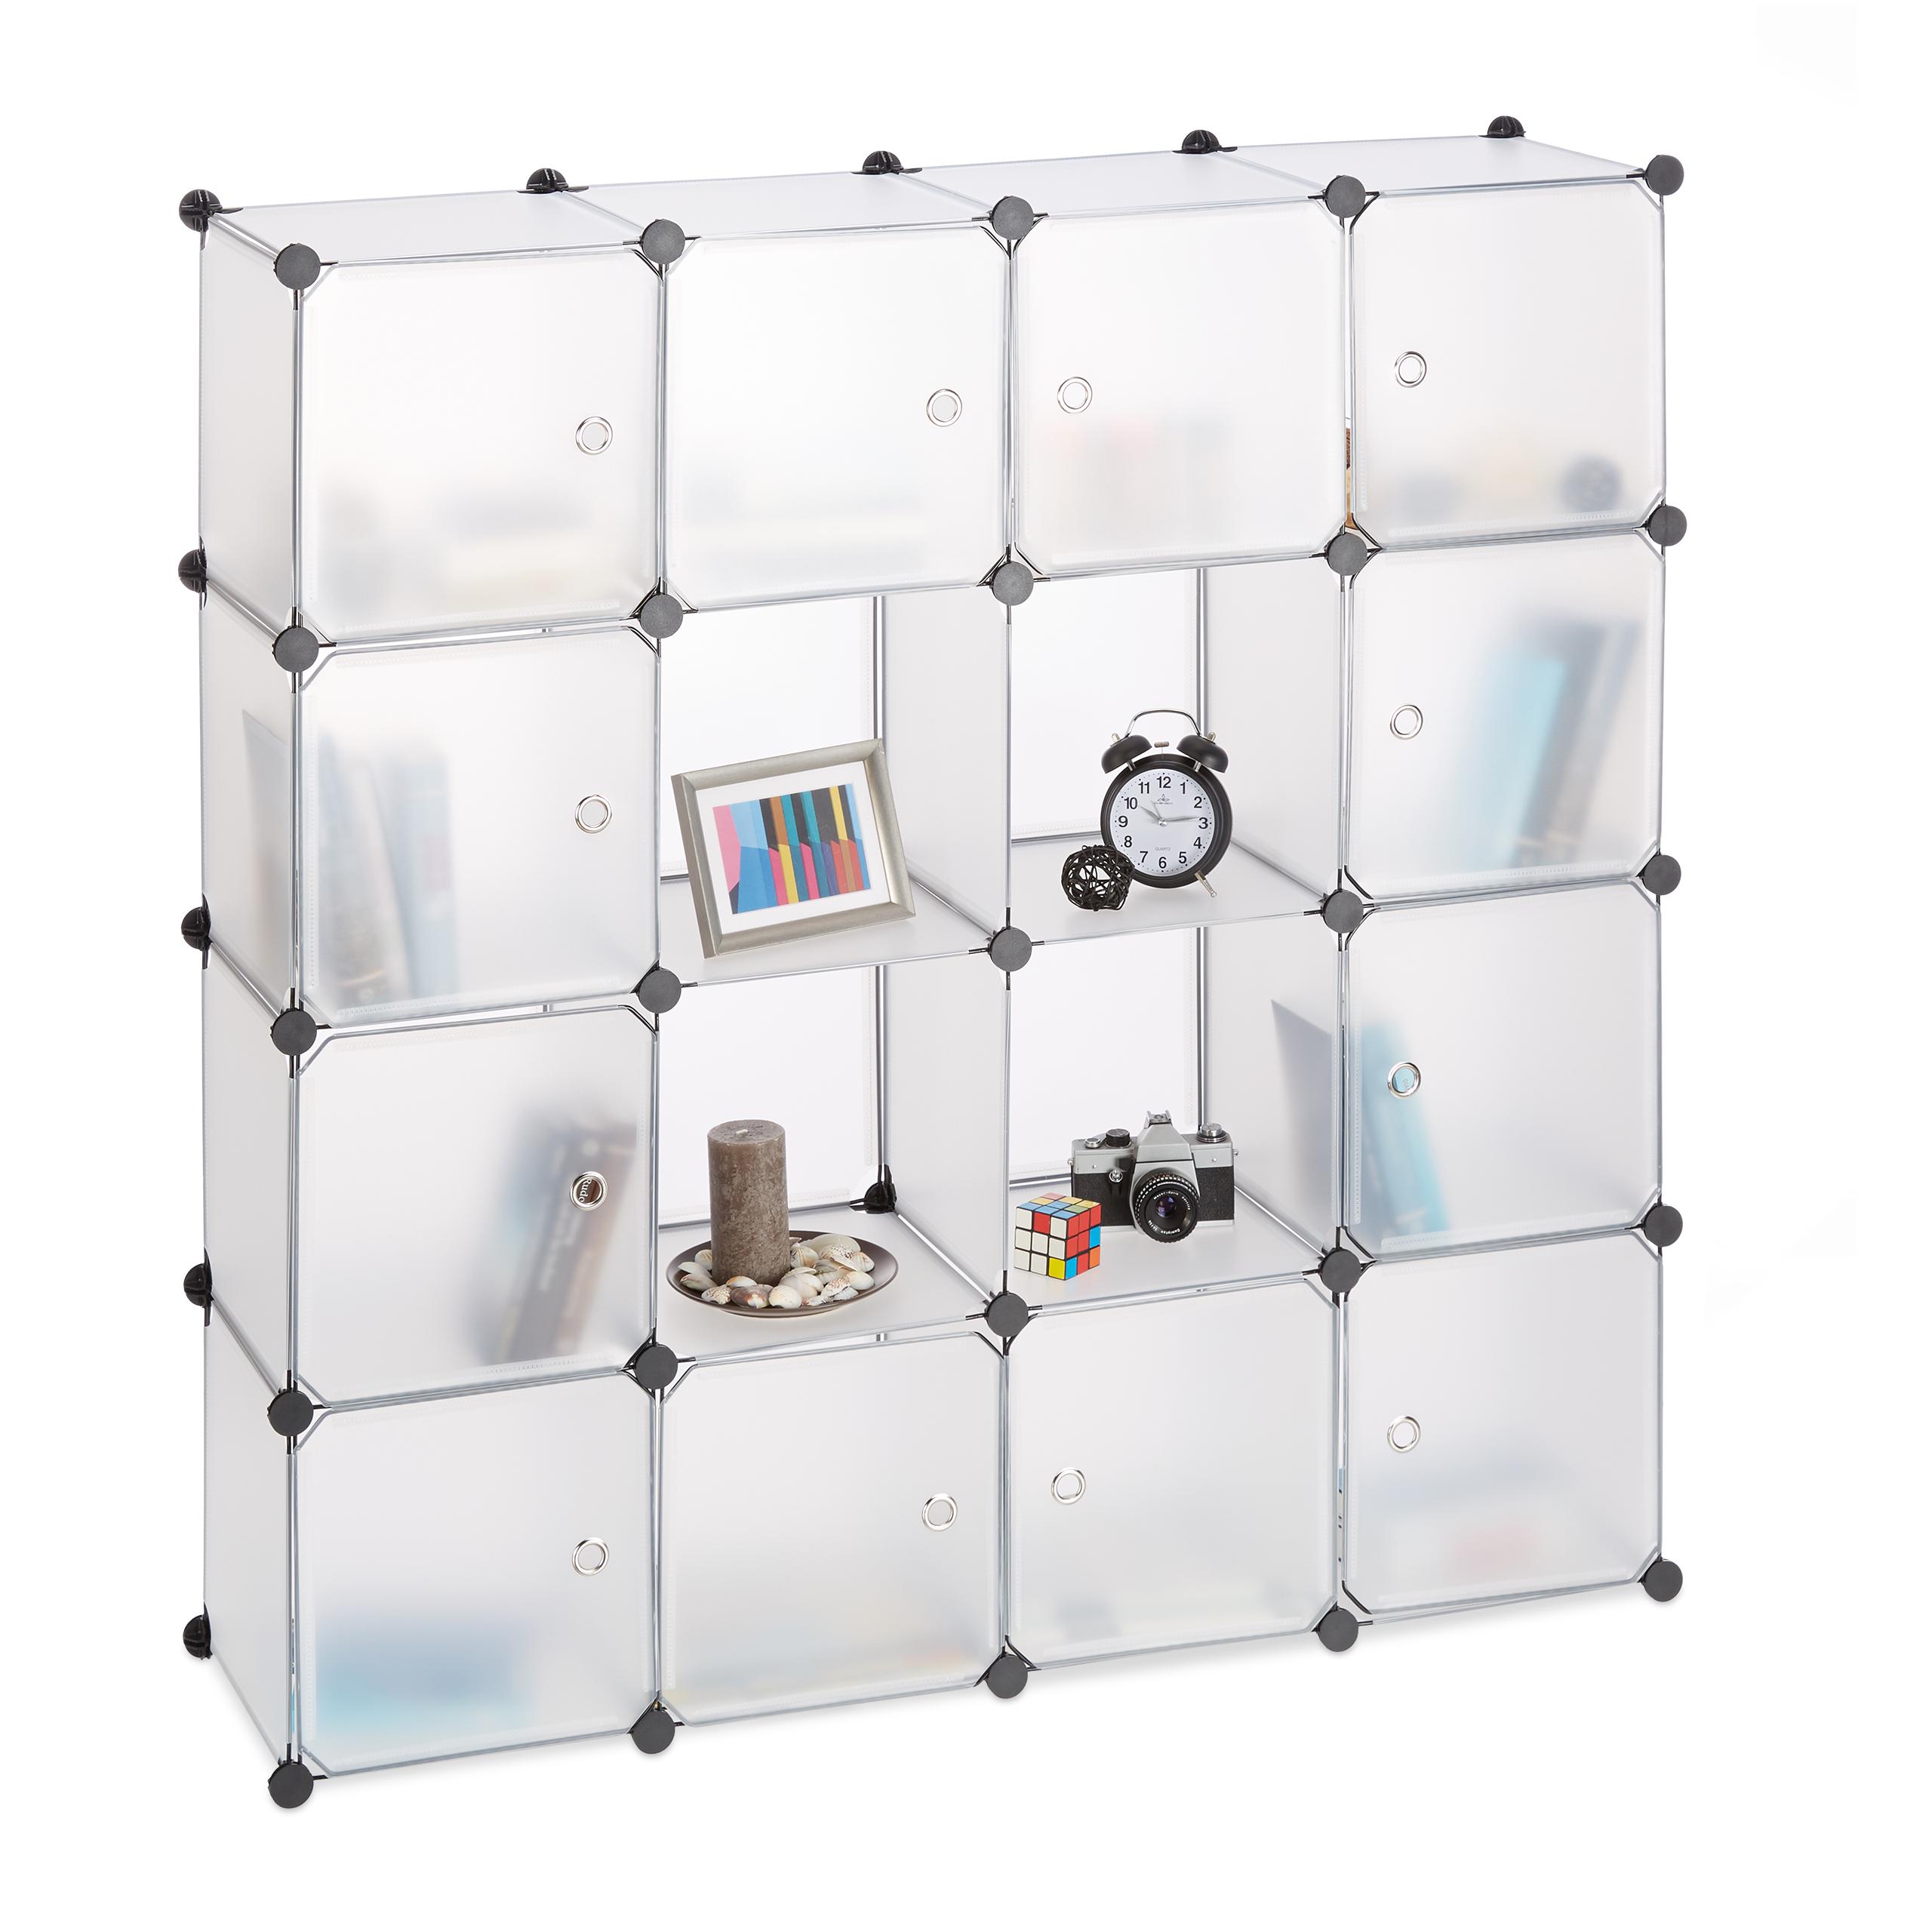 Estanteria-modular-grande-con-16-compartimentos-De-plastico-Varios-colores